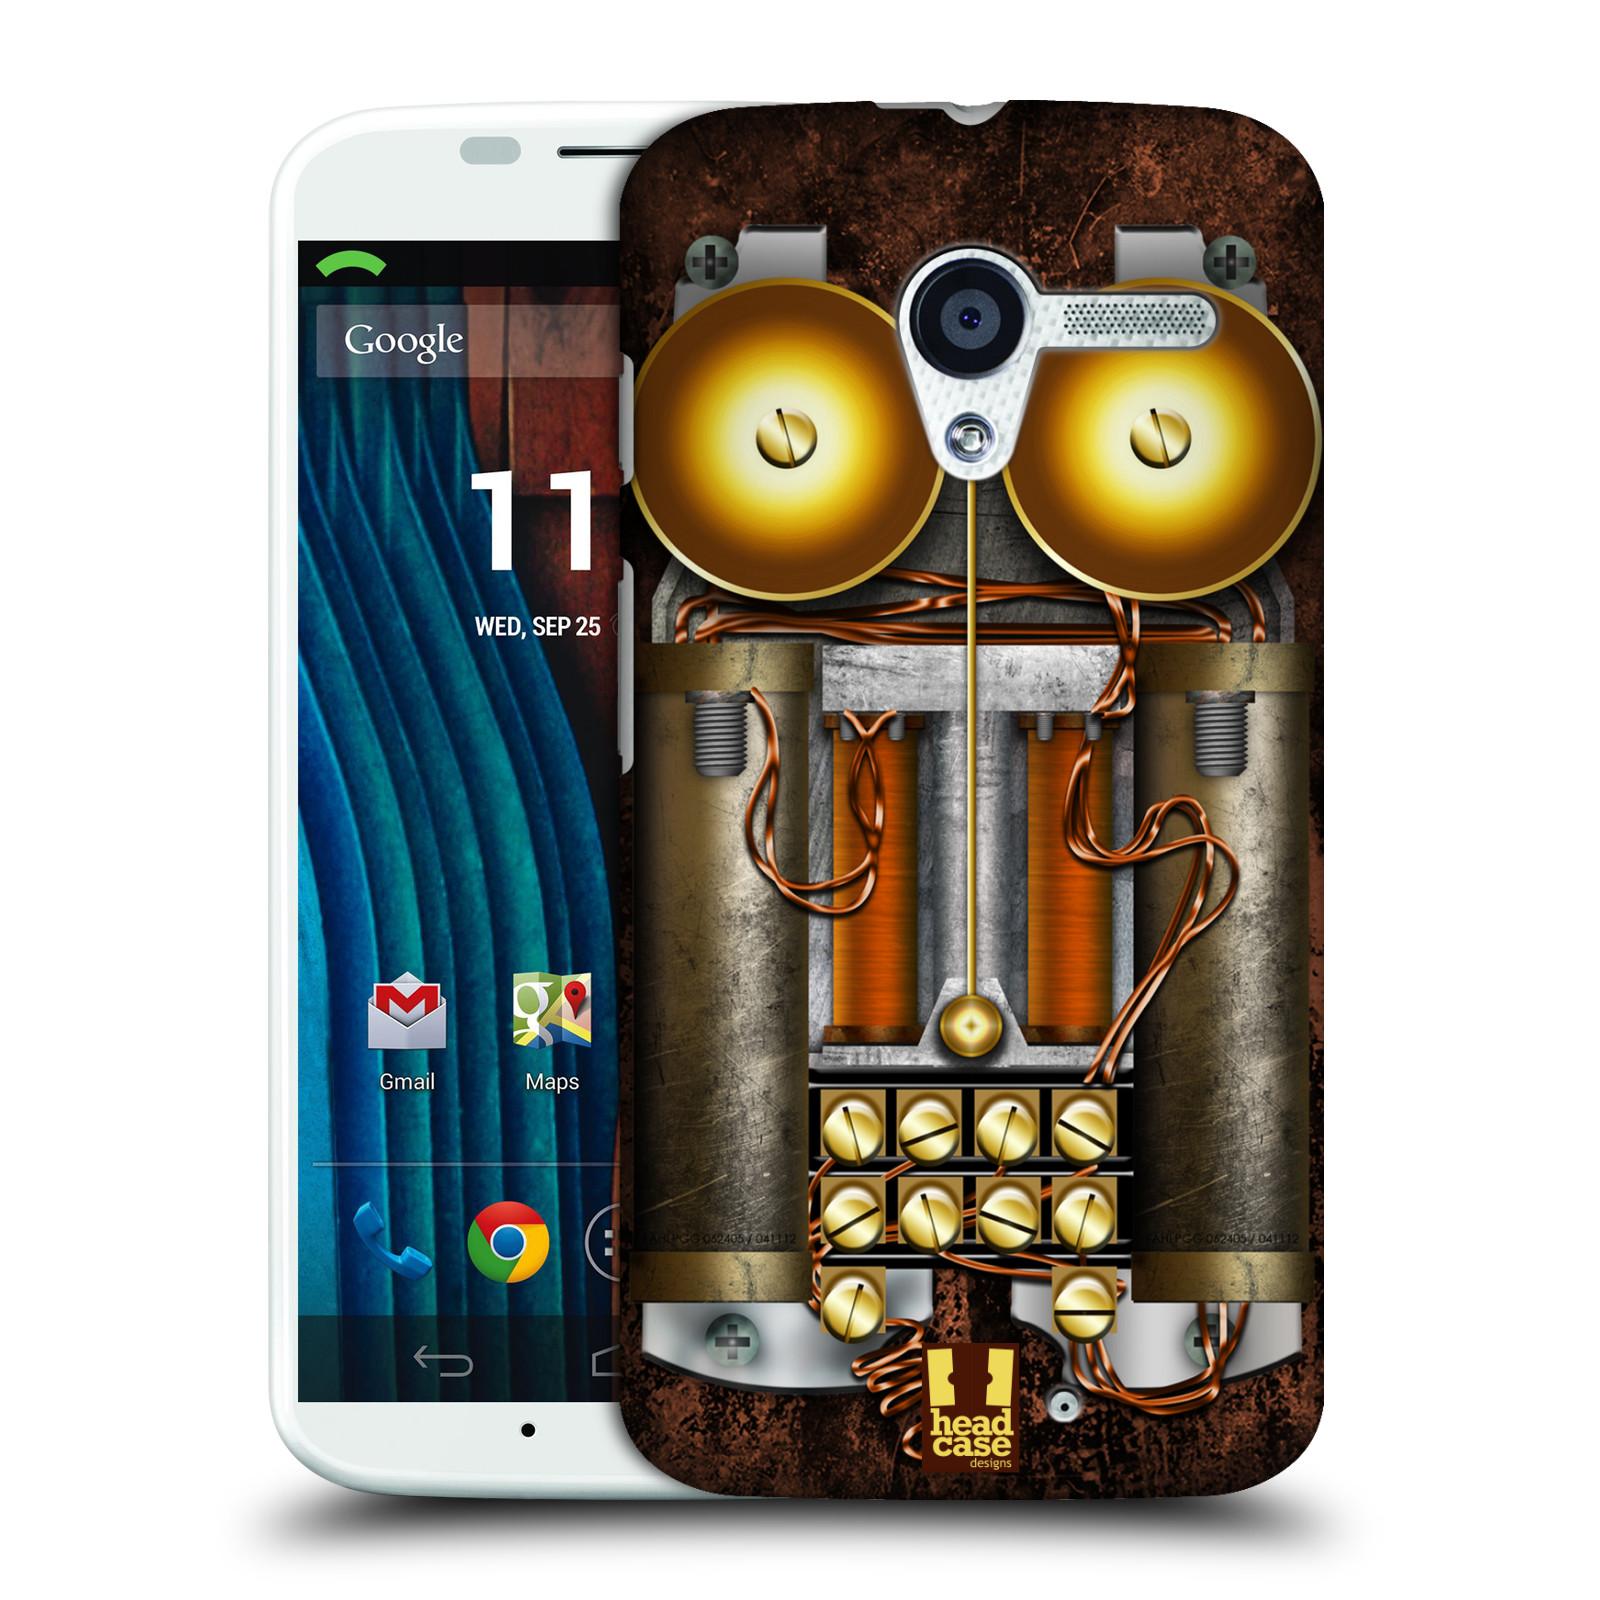 Plastové pouzdro na mobil Motorola Moto X HEAD CASE STEAMPUNK TELEFON (Kryt či obal na mobilní telefon Motorola Moto X)